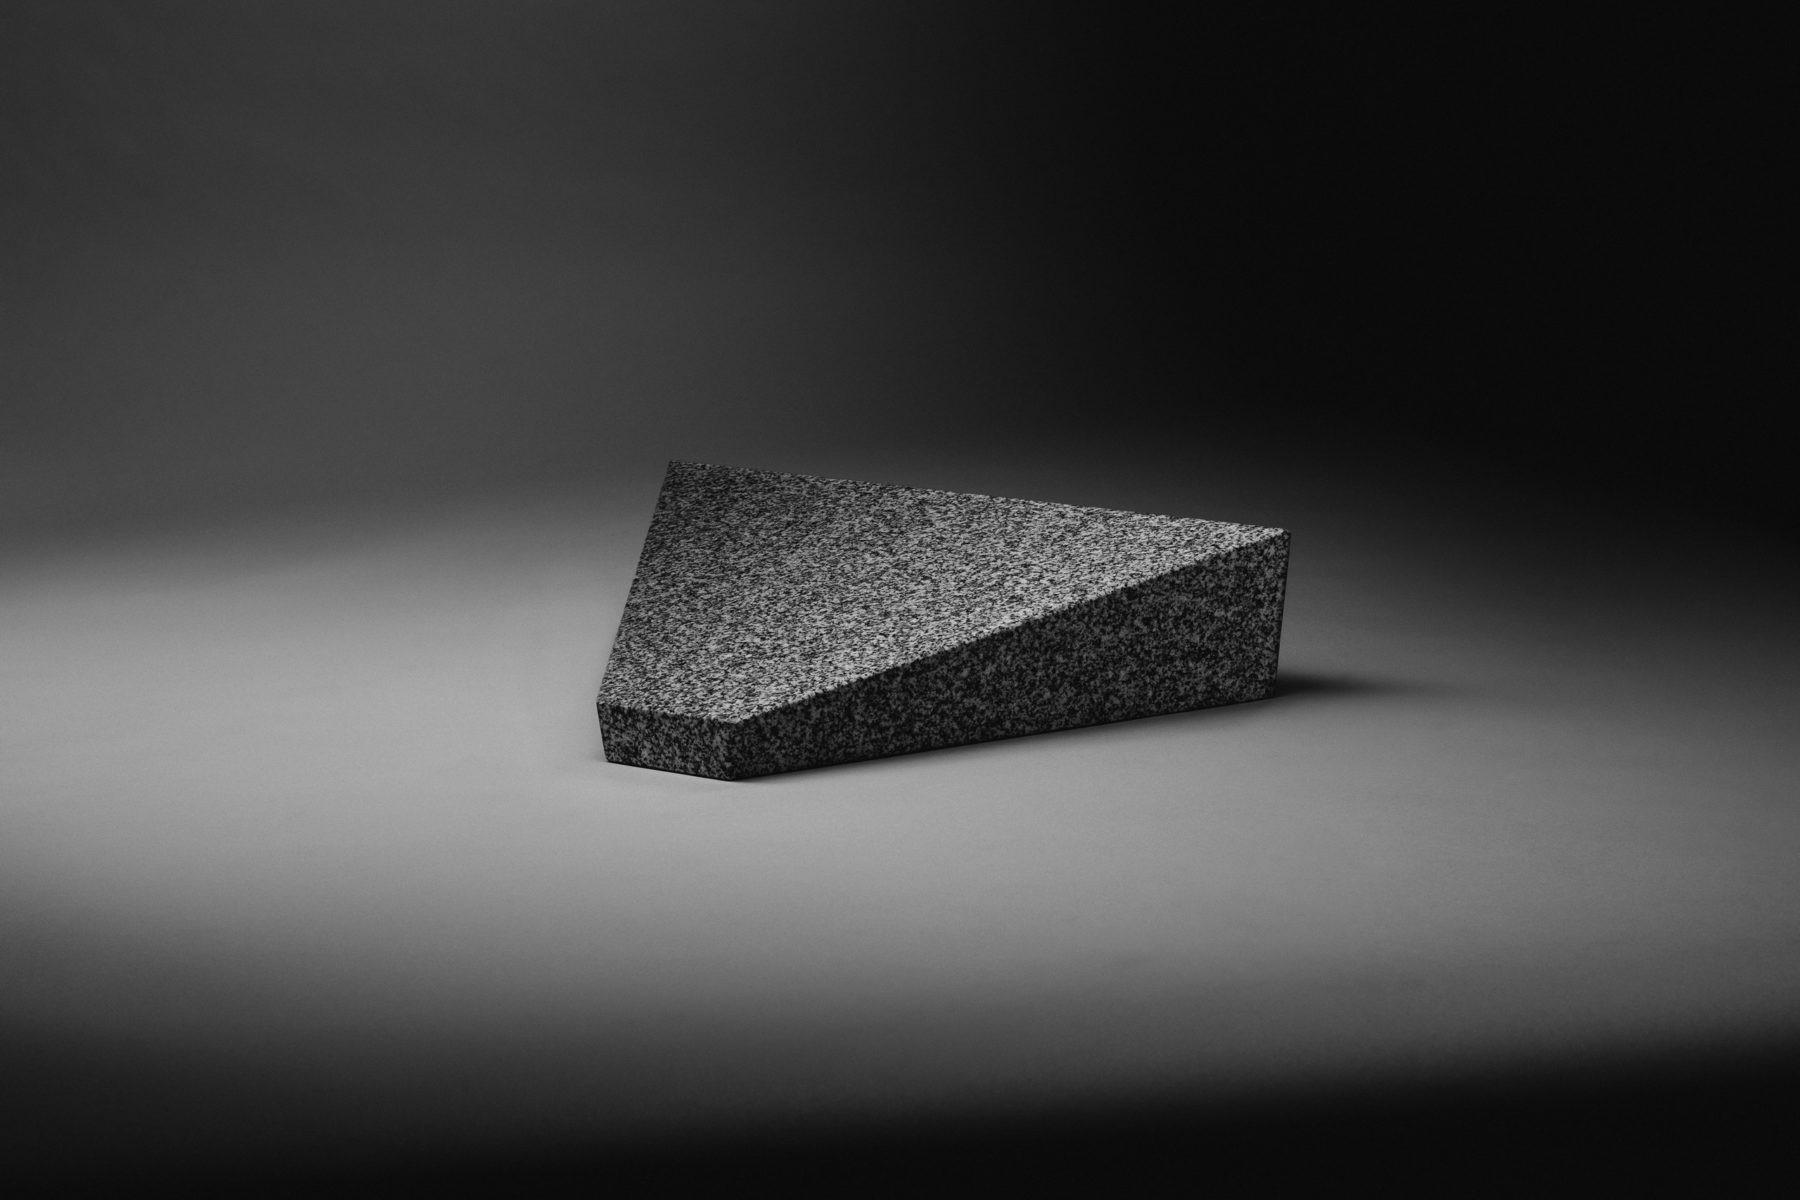 ortnerschinko_fernet-hunter-granit_key-visual-1.jpg